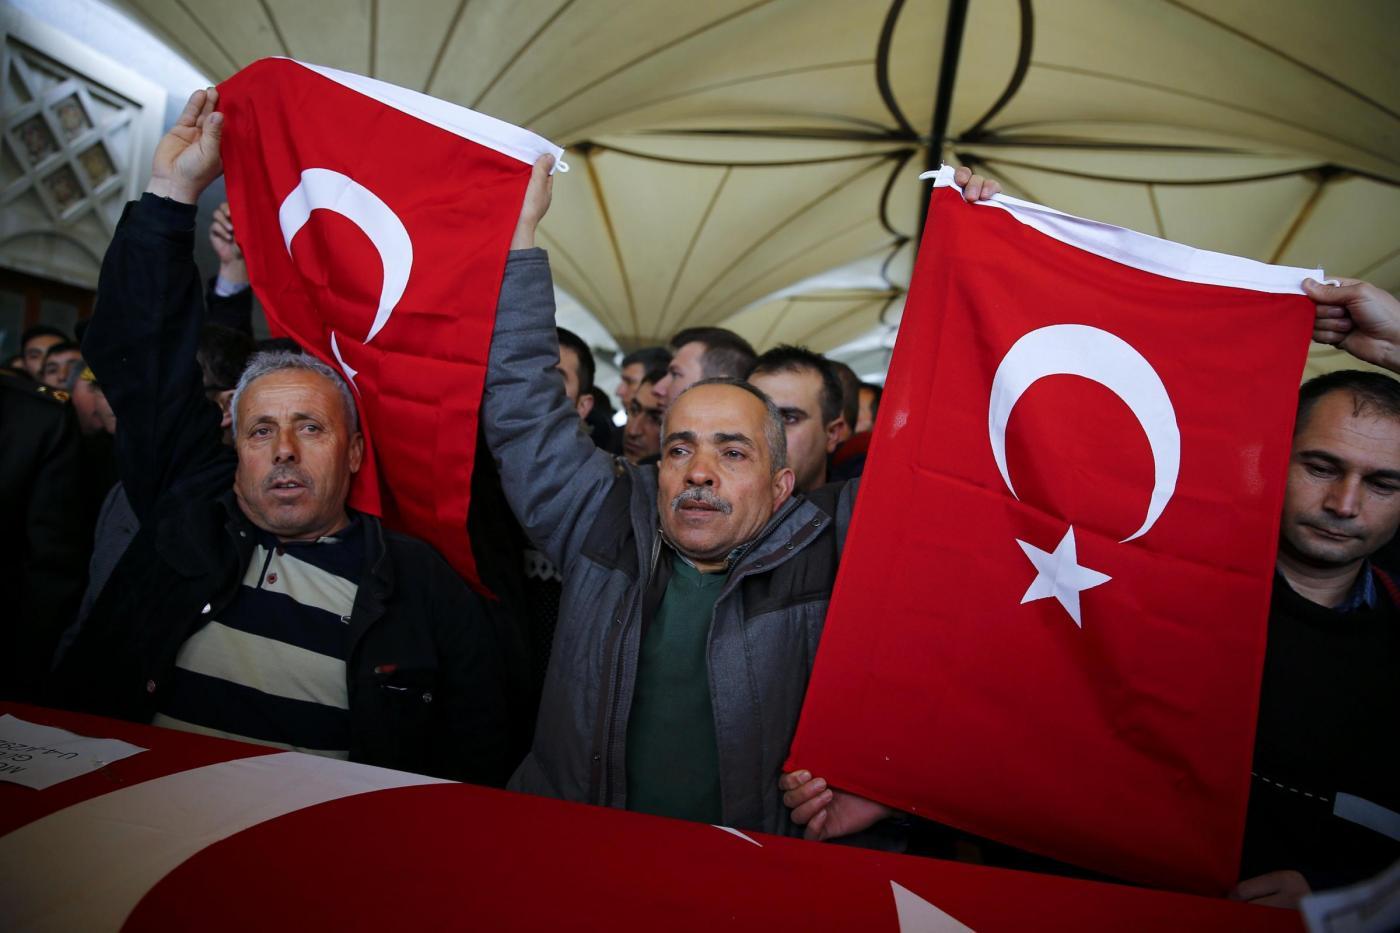 Strage in Turchia: 'perché non je suis Ankara?' Lo sfogo diventa virale sul web